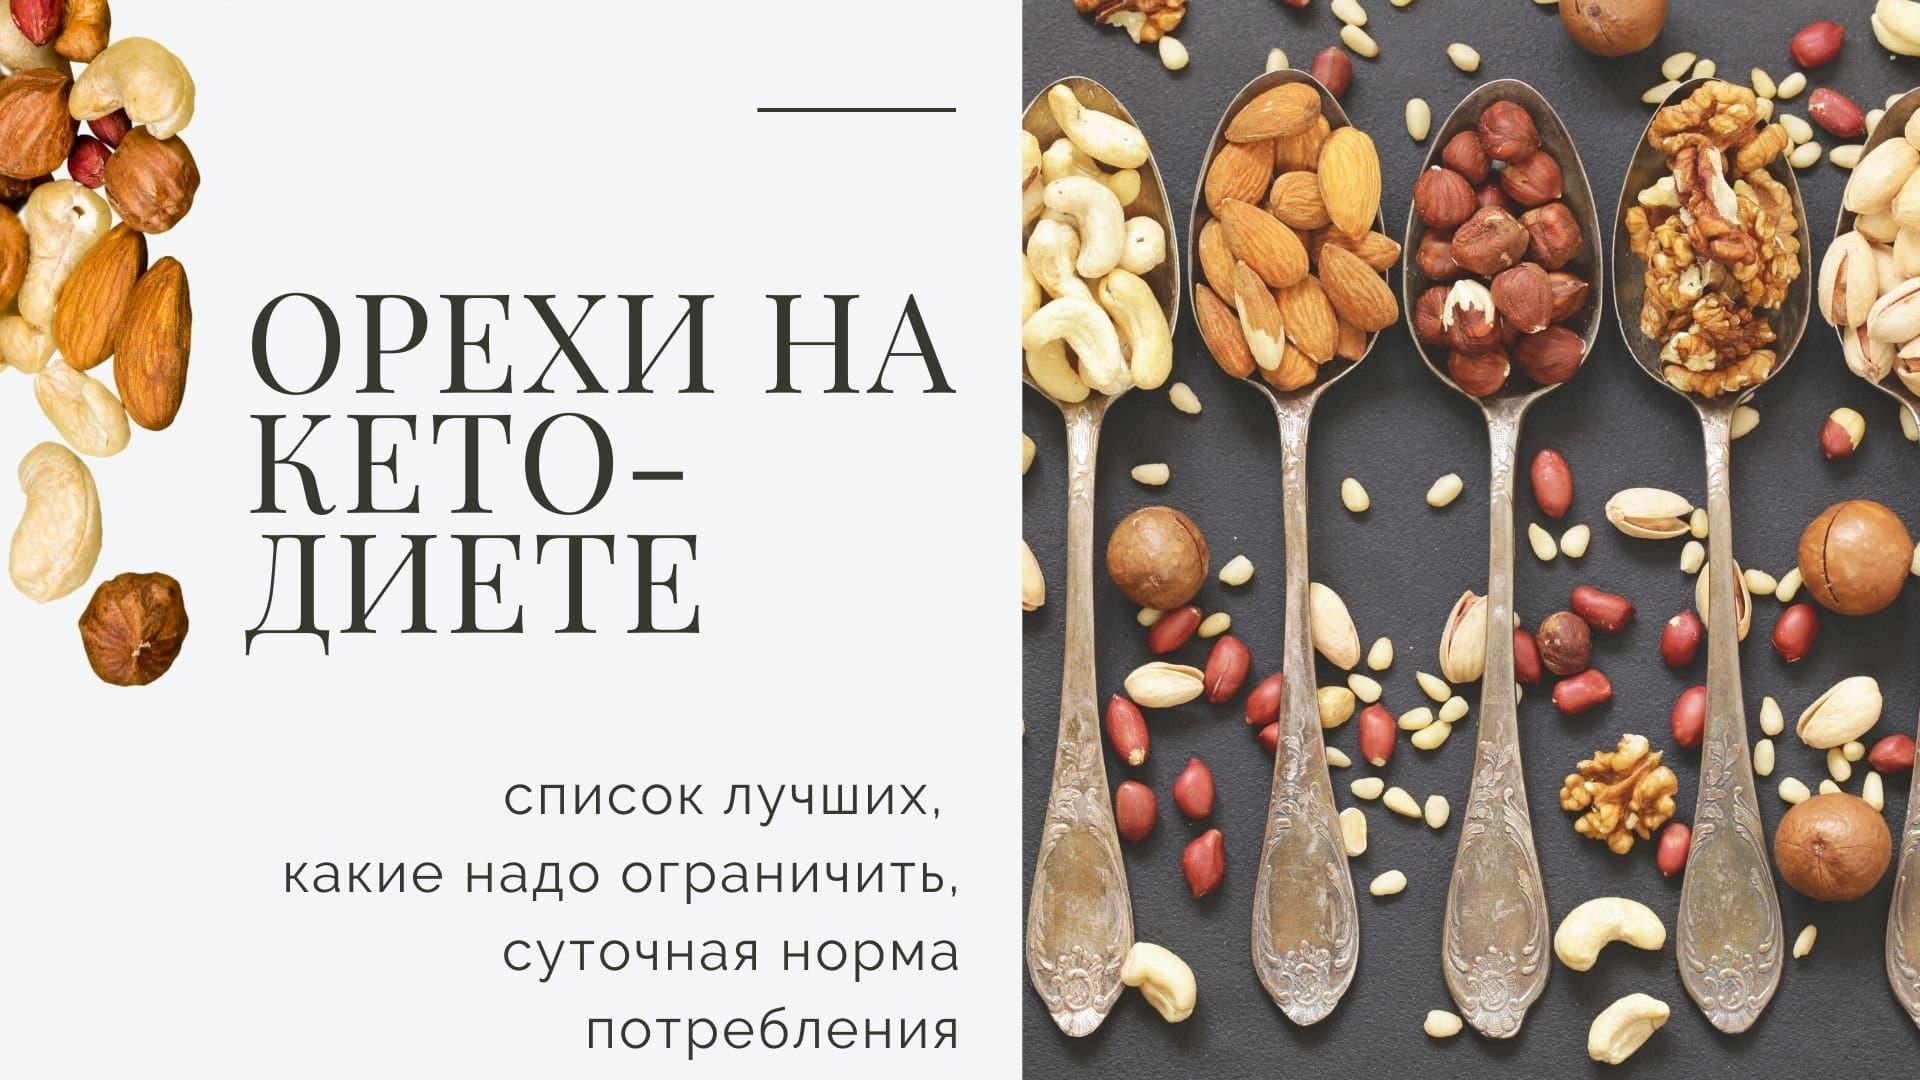 Кето Диета Семечки. Список продуктов для кето диеты